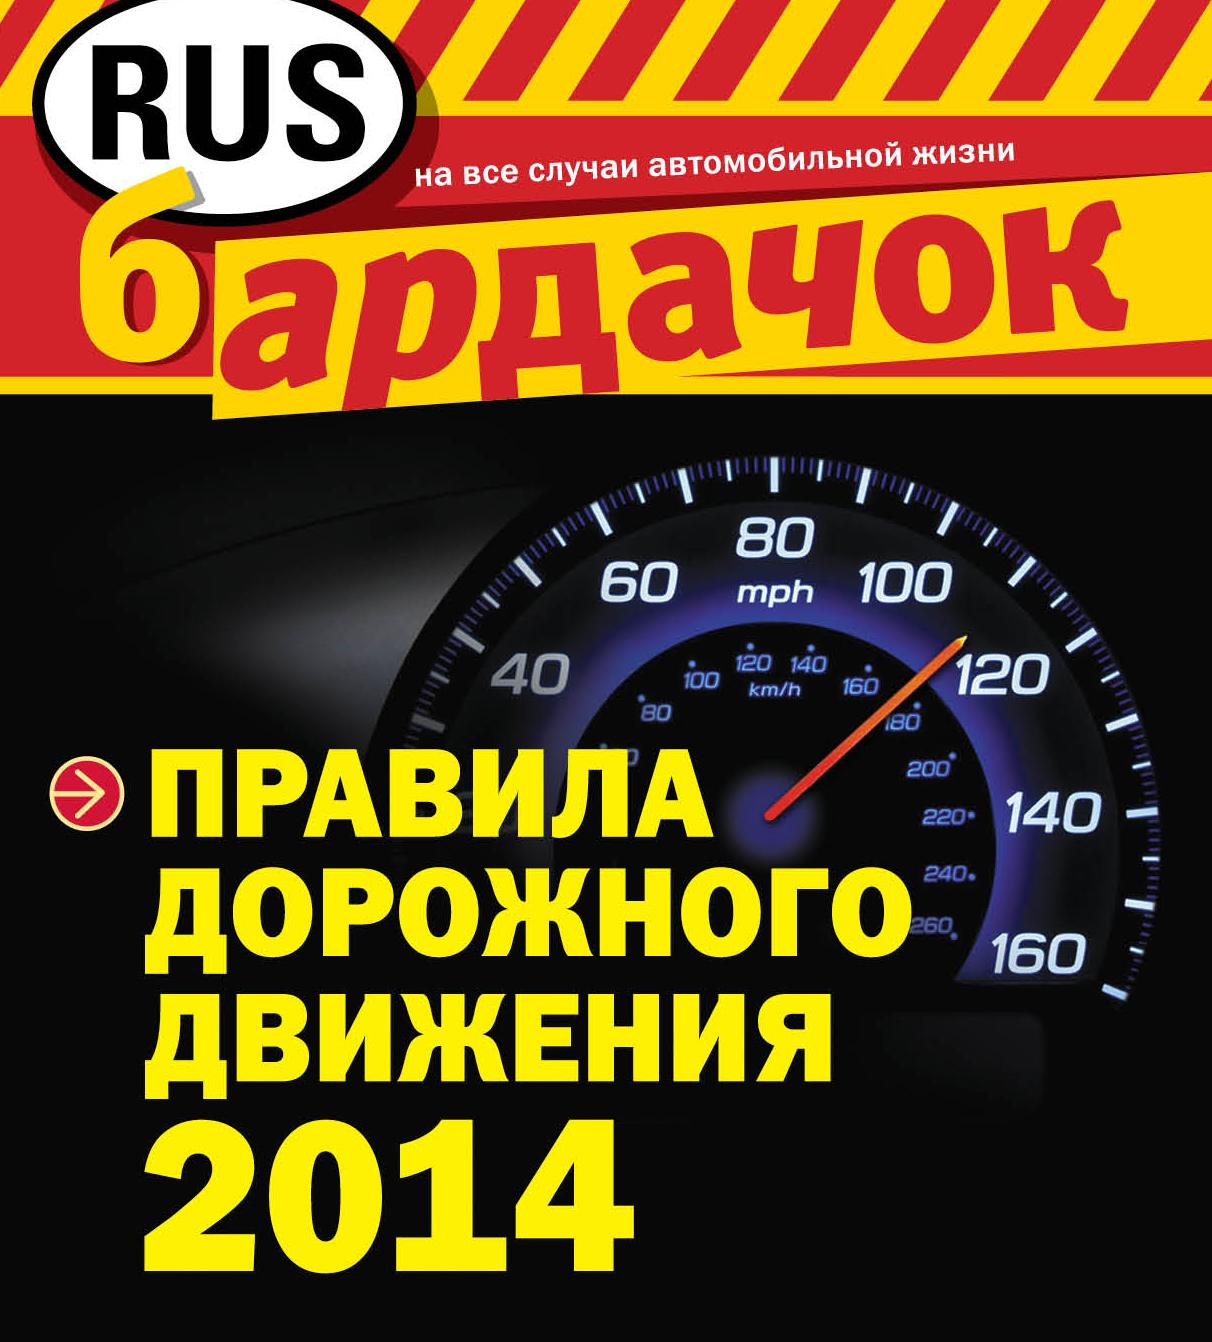 Правила дорожного движения с изм. на 2014 год (квадратный формат)